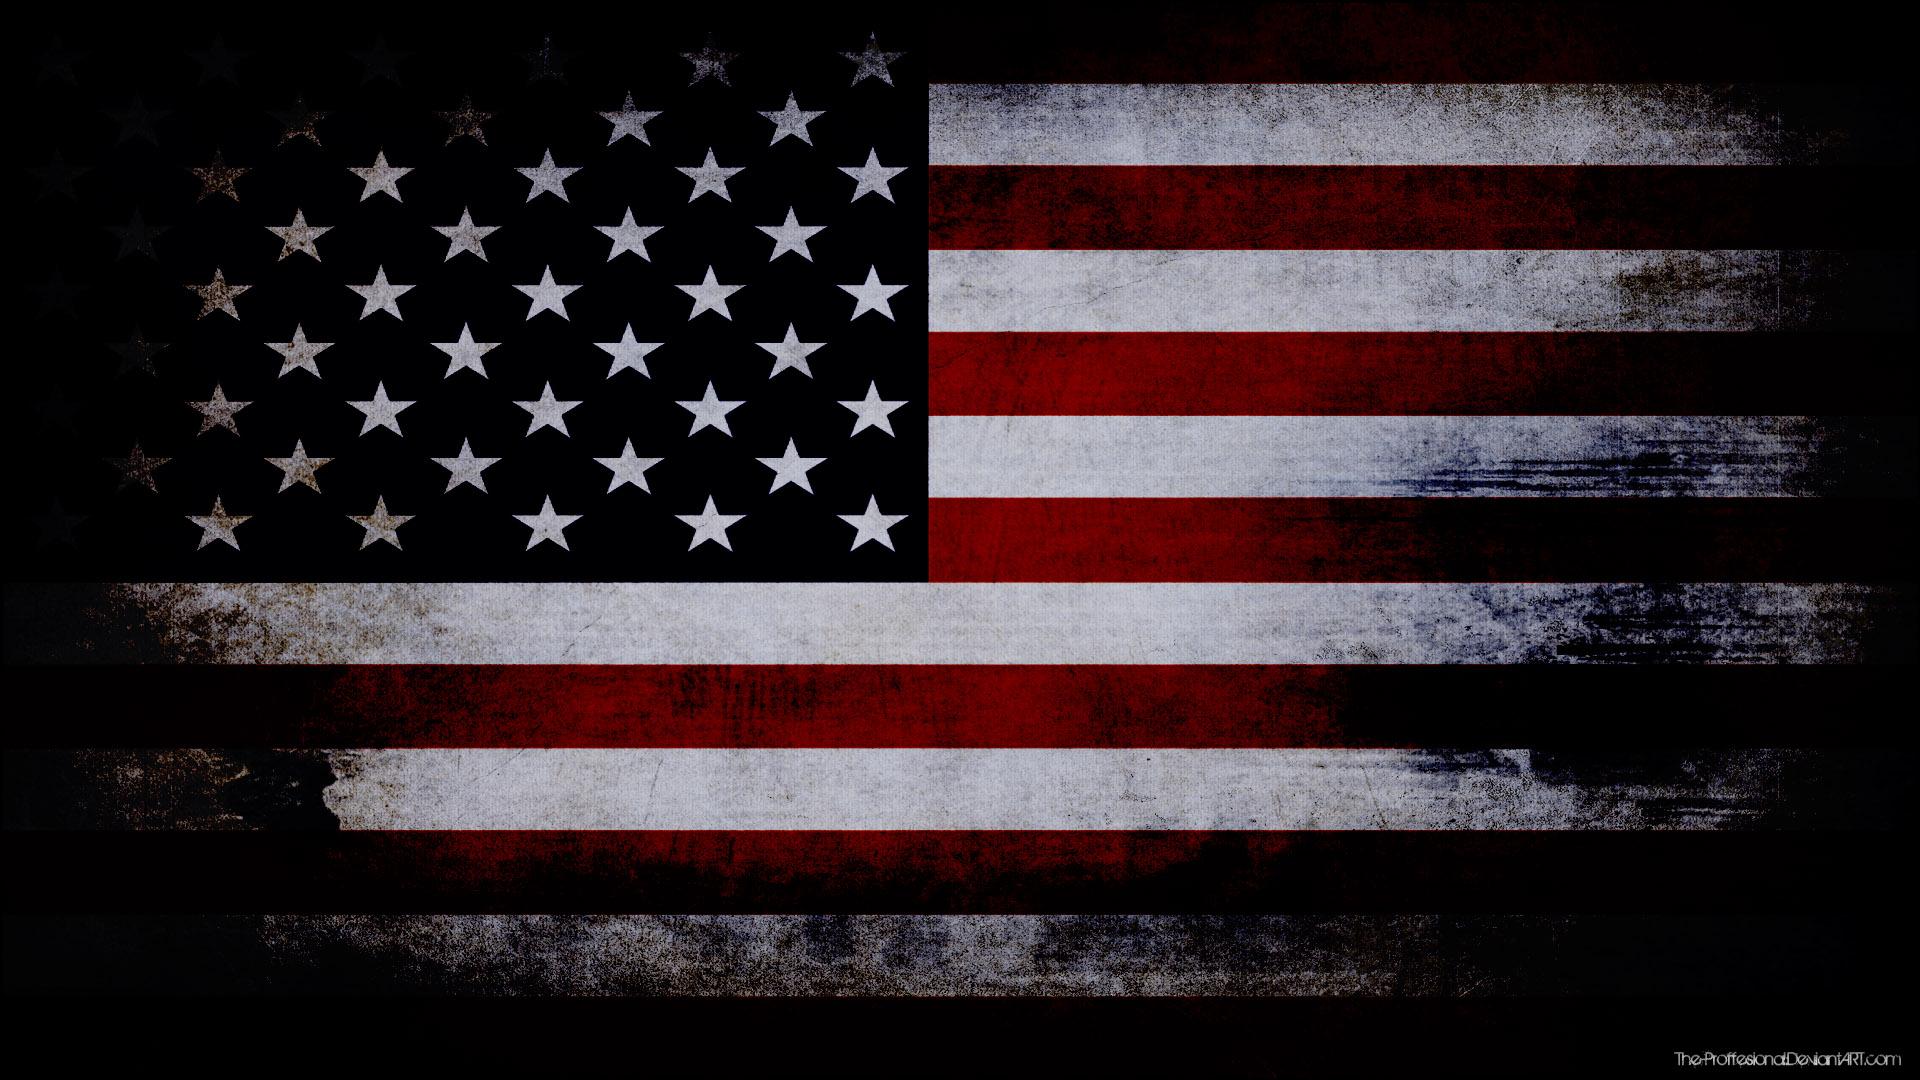 Download Hd Usa Flag images for Hd Usa Flag HD 1920x1080